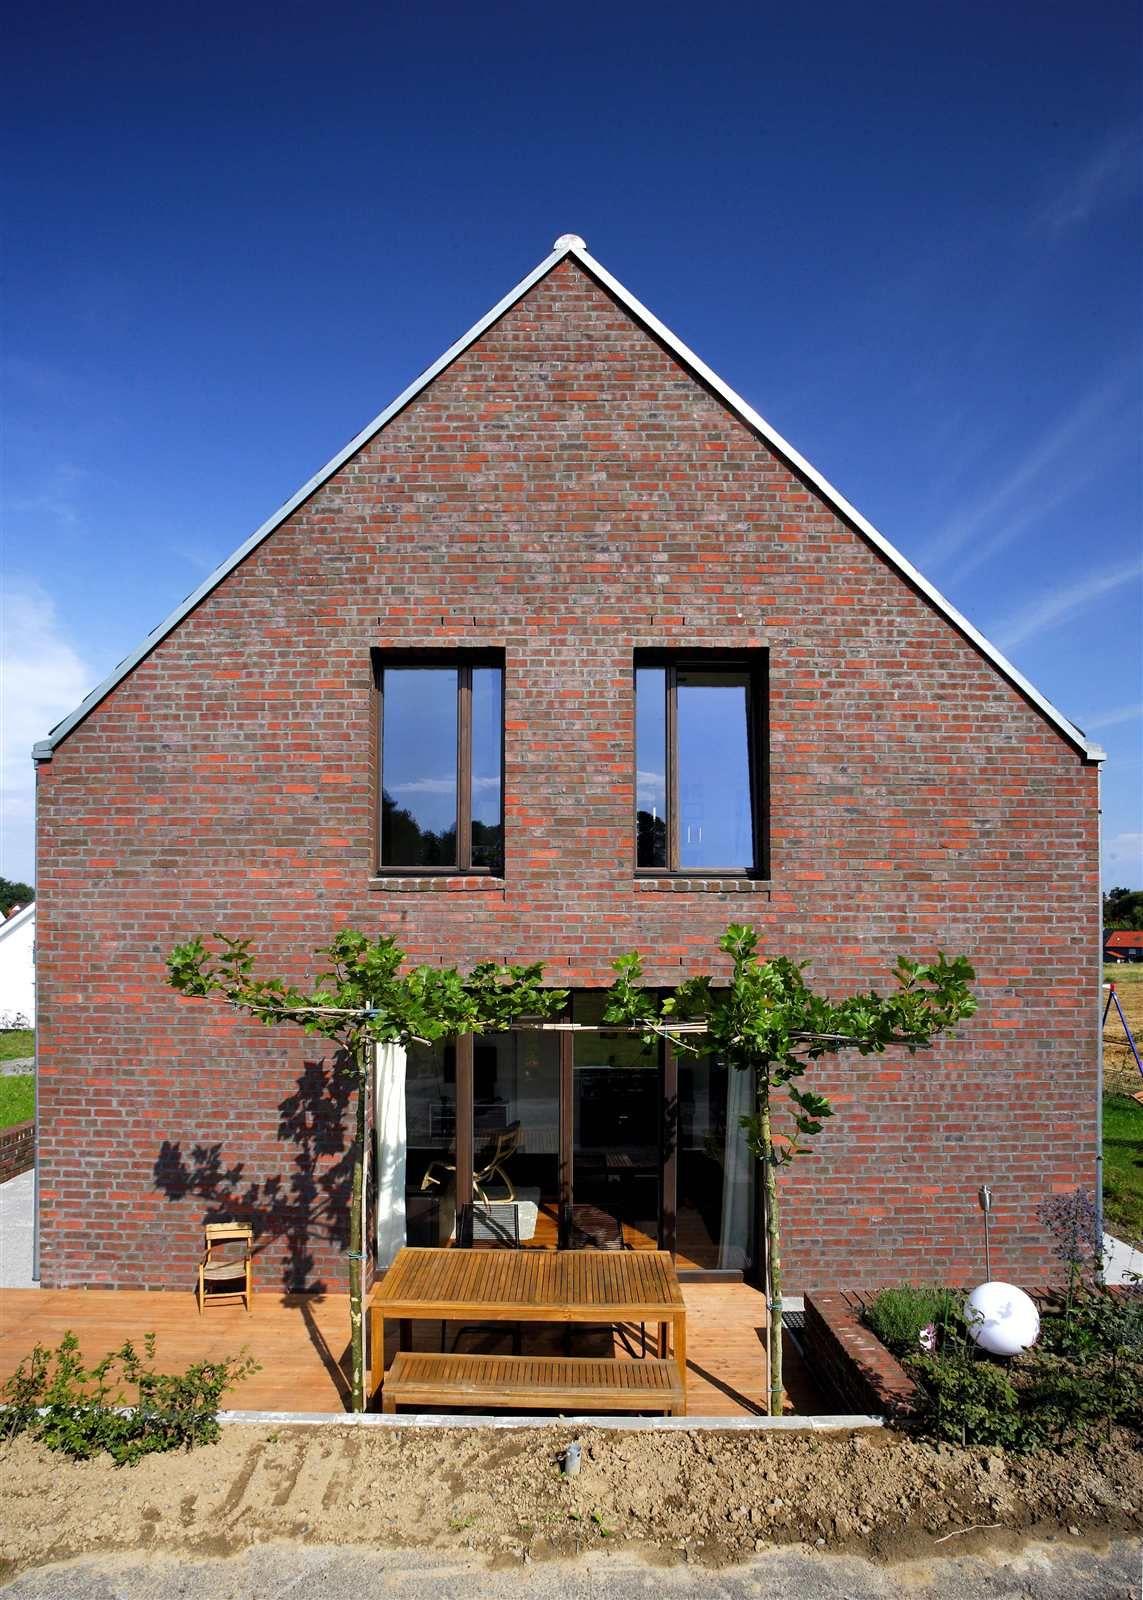 Ziegelhaus design außen kompaktes ziegelhaus mit erdwärmepumpe  neubau  hausideen so